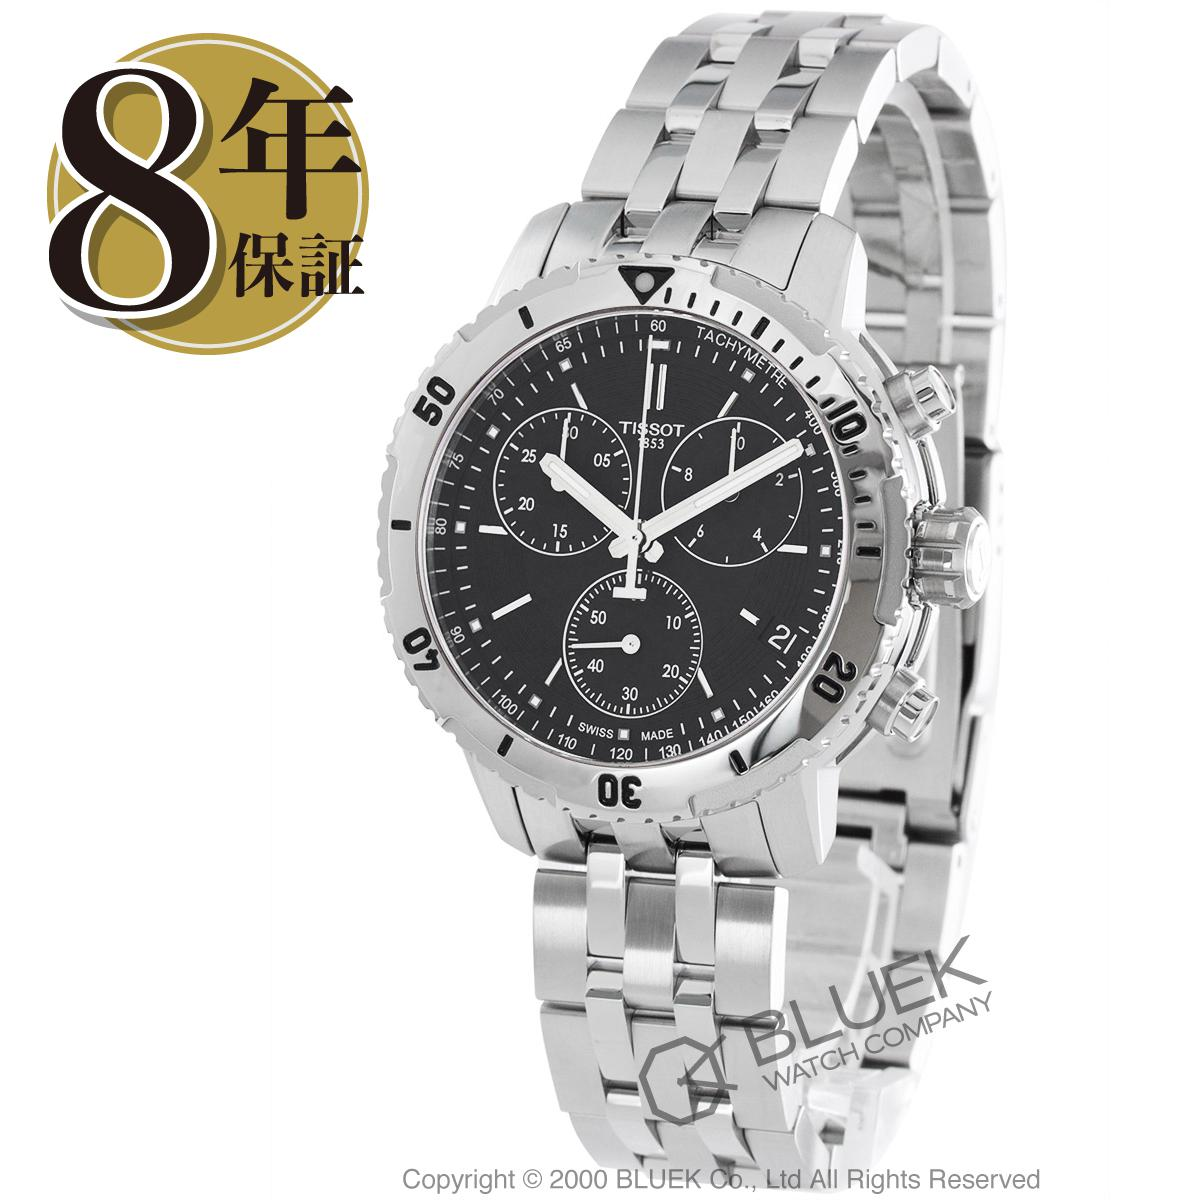 ティソ T-スポーツ PRS200 クロノグラフ 腕時計 メンズ TISSOT T067.417.11.051.01_8